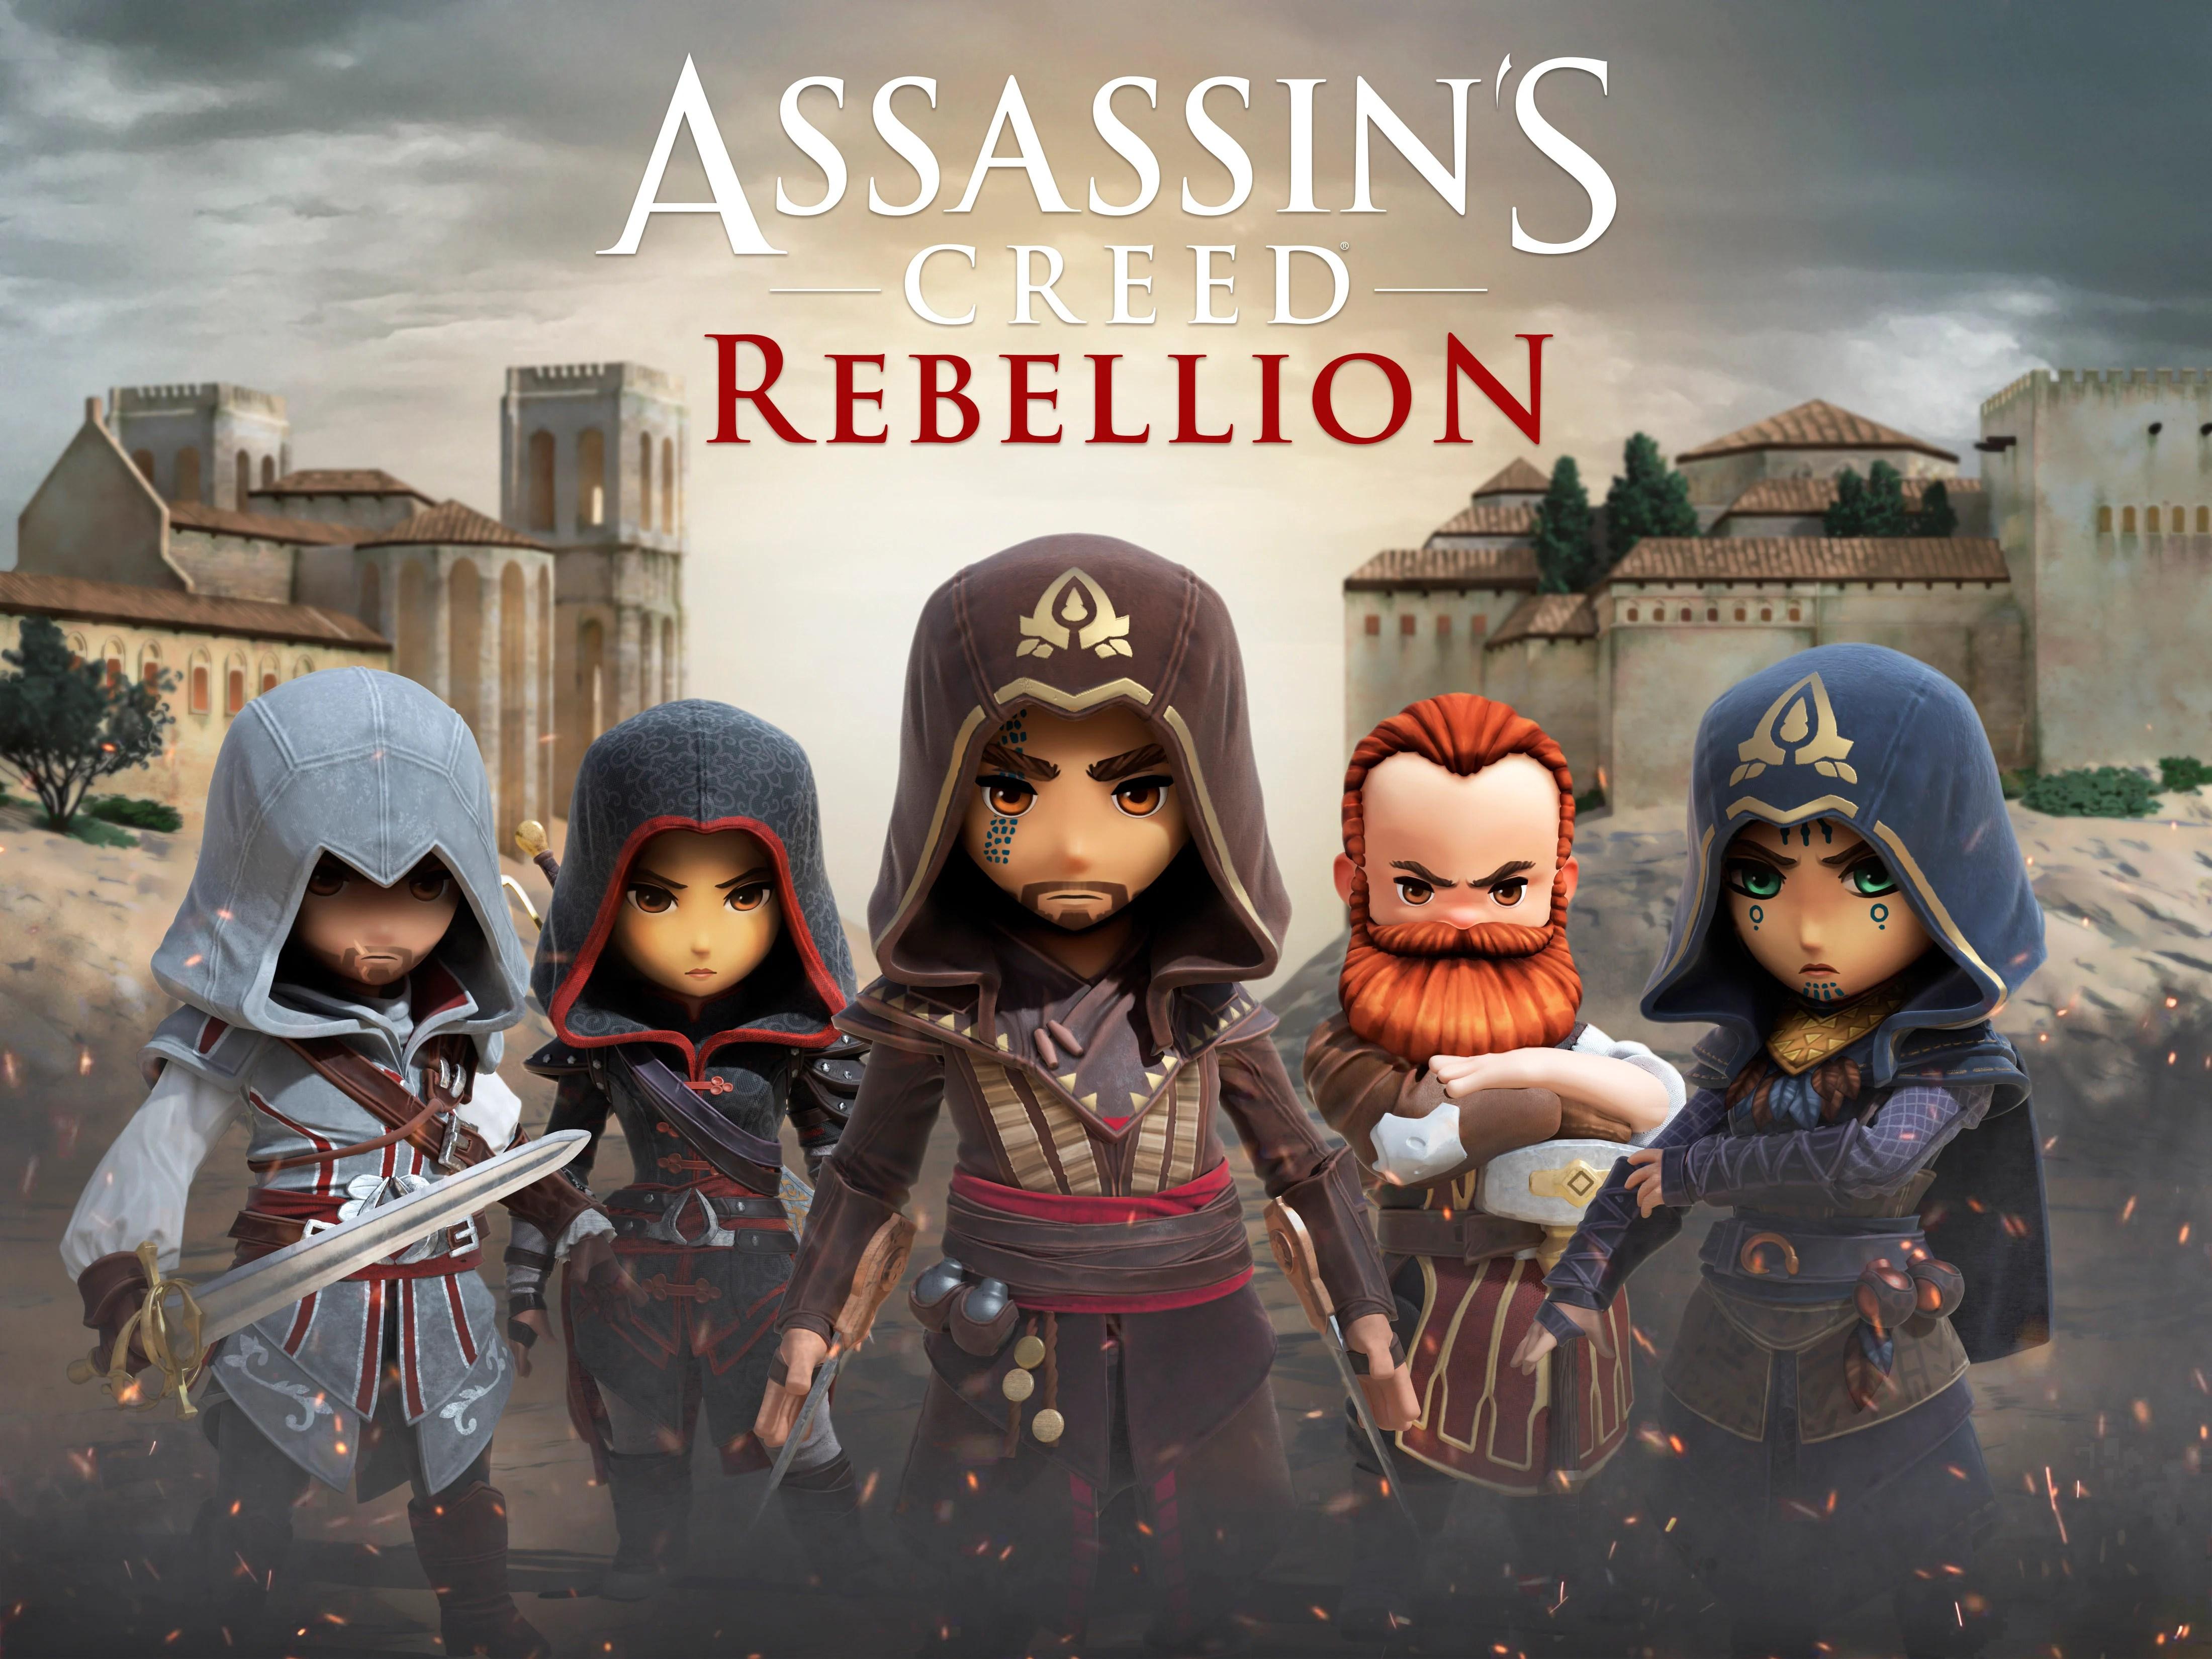 Assassin's Creed Rebellion: créez votre propre confrérie d'assassins sur smartphone